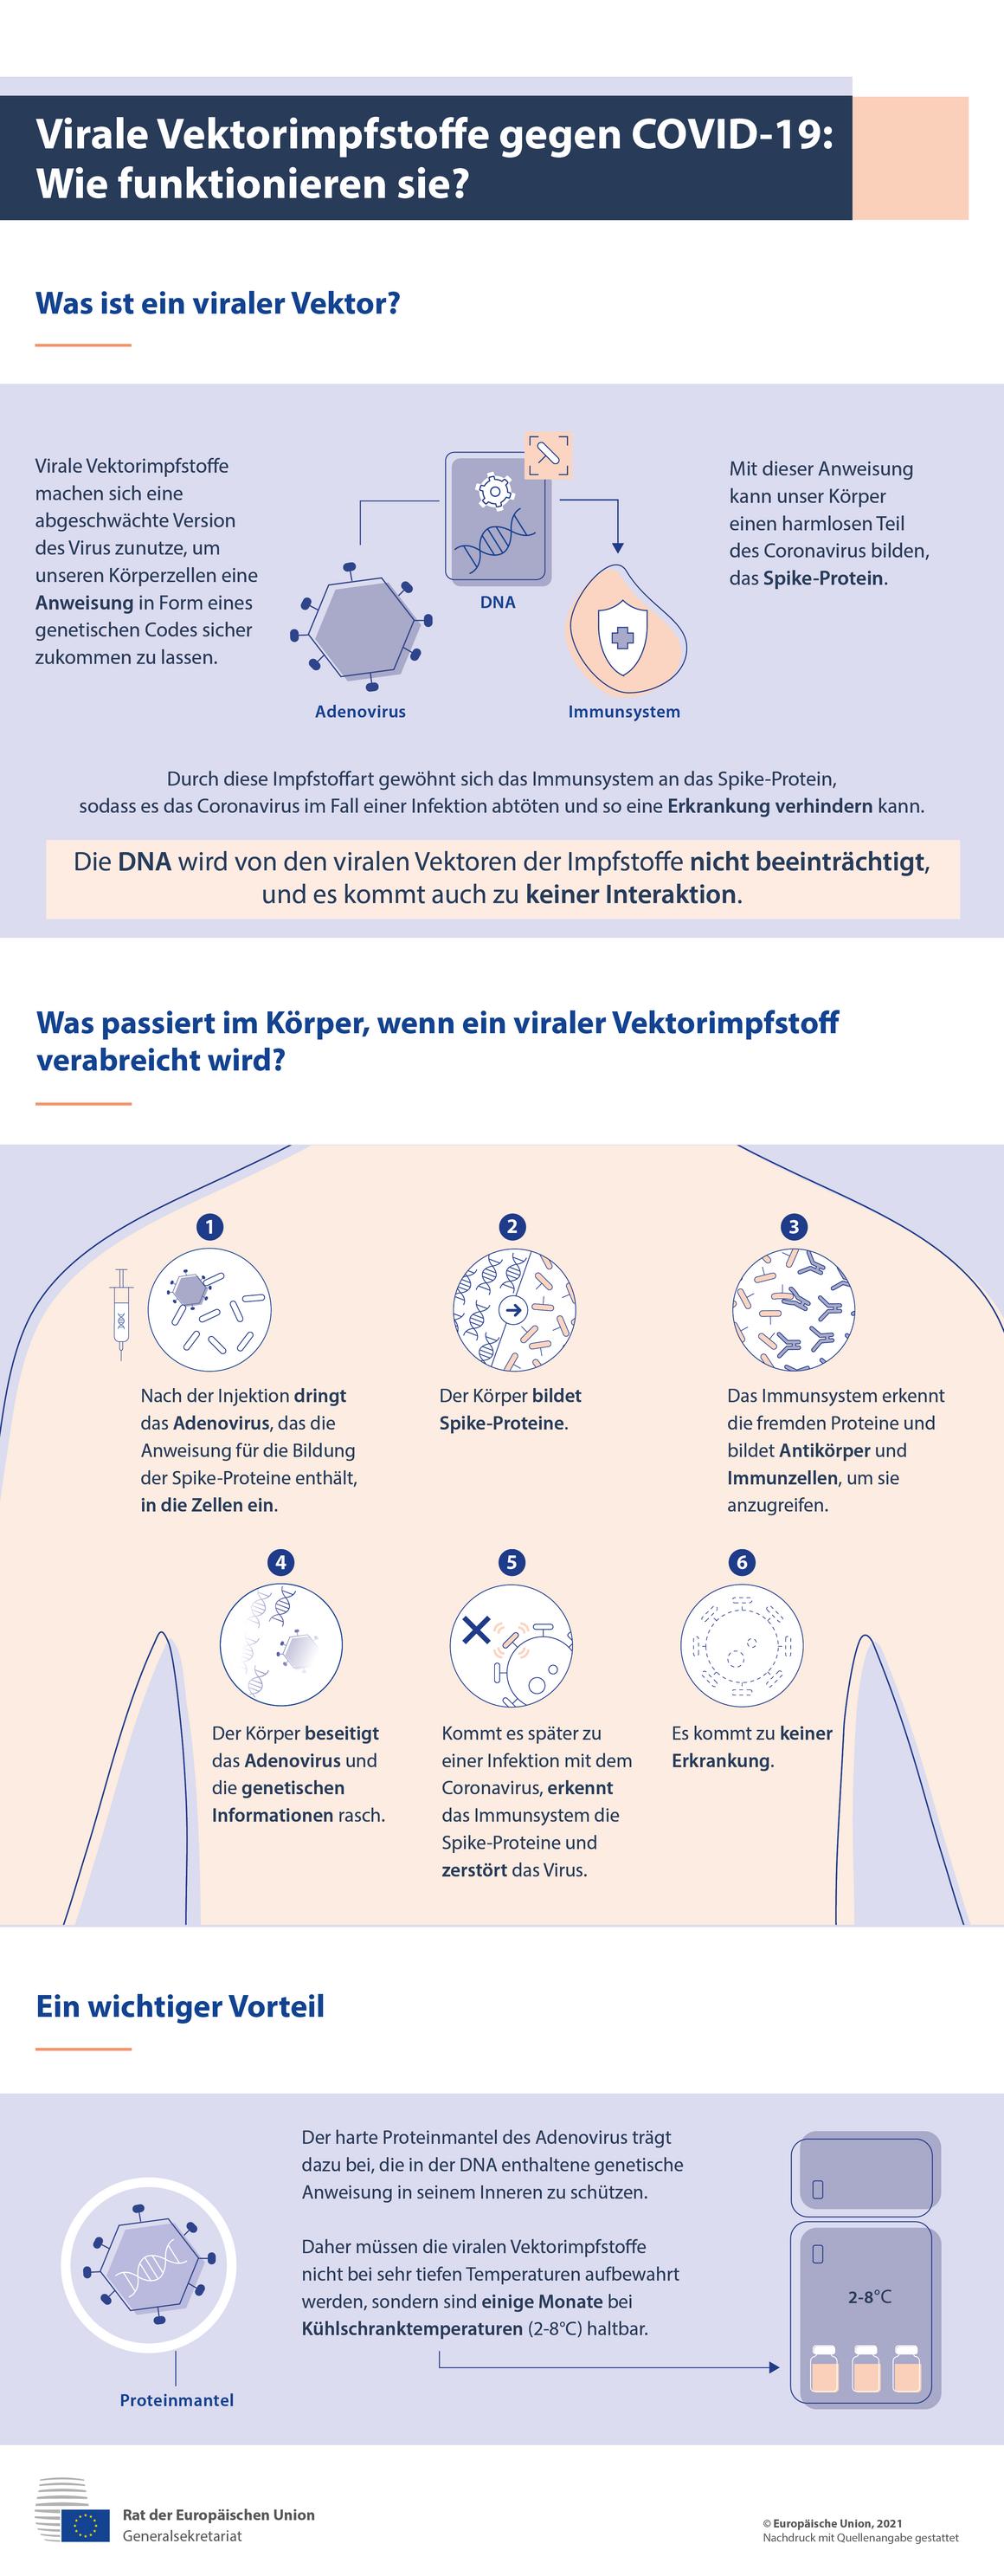 Infografik – Virale Vektorimpfstoffe gegen COVID-19: Wie funktionieren sie